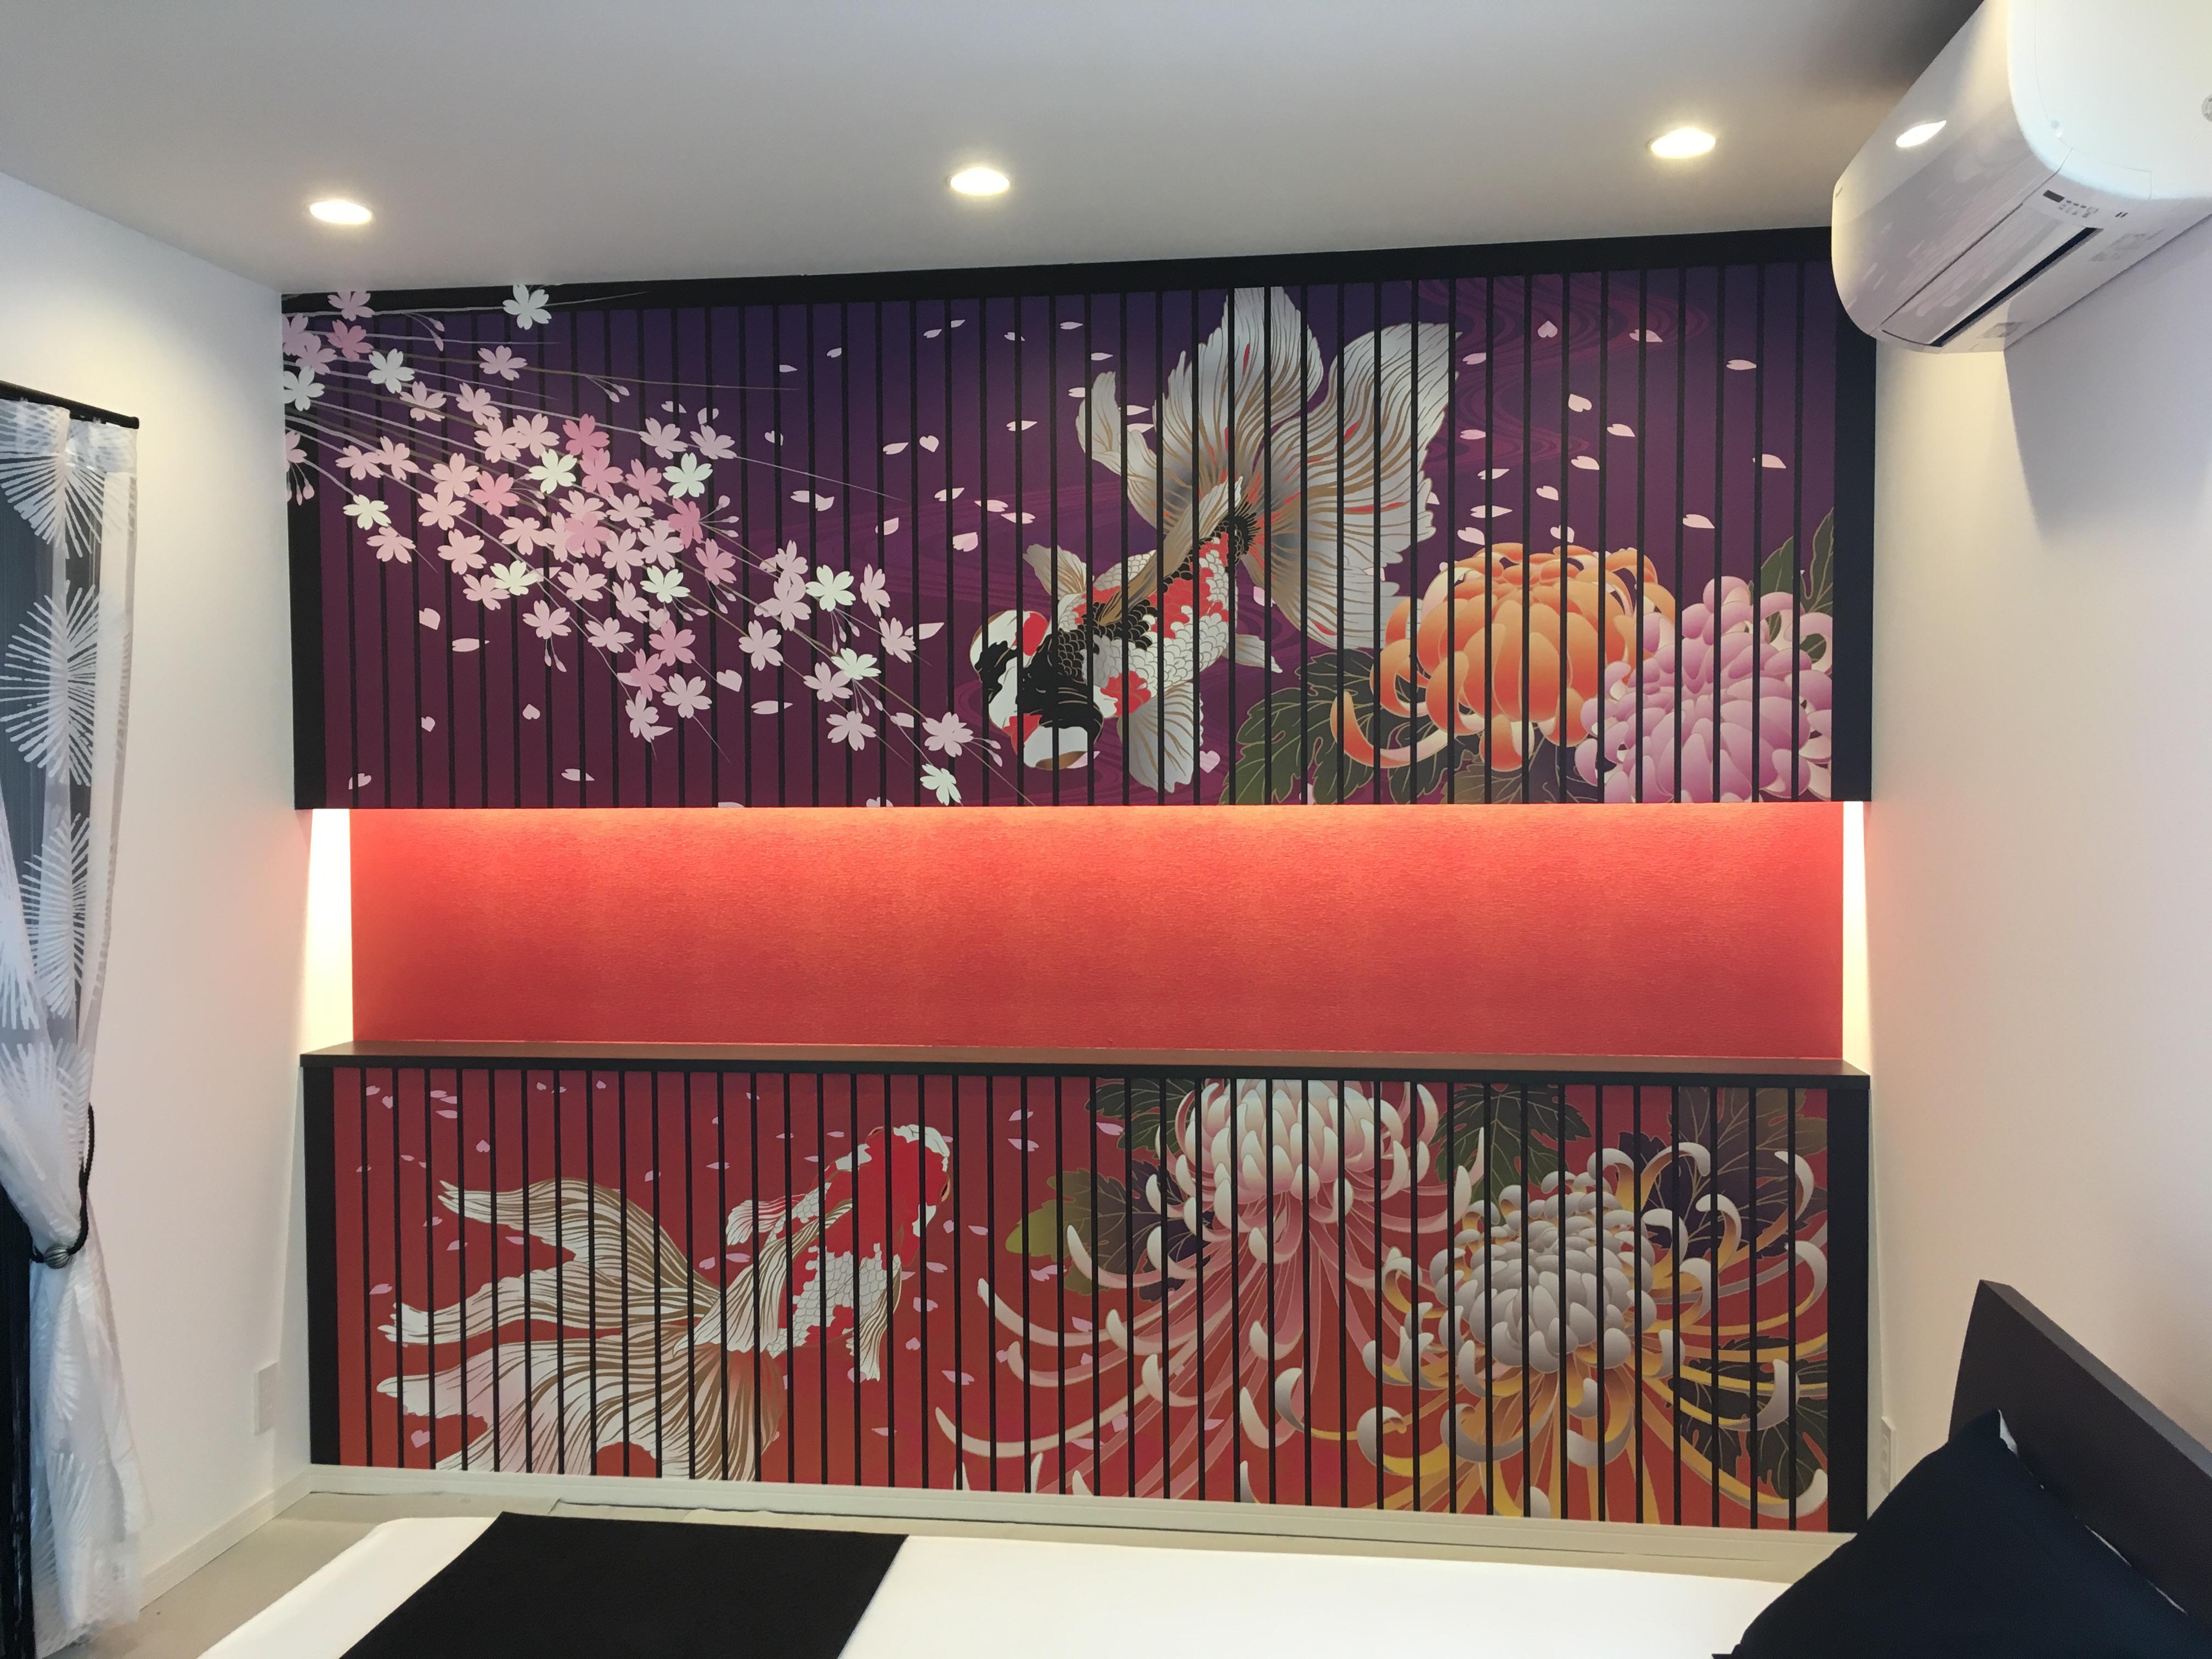 ヤマトホーム展示場・SUITEのサムネイル